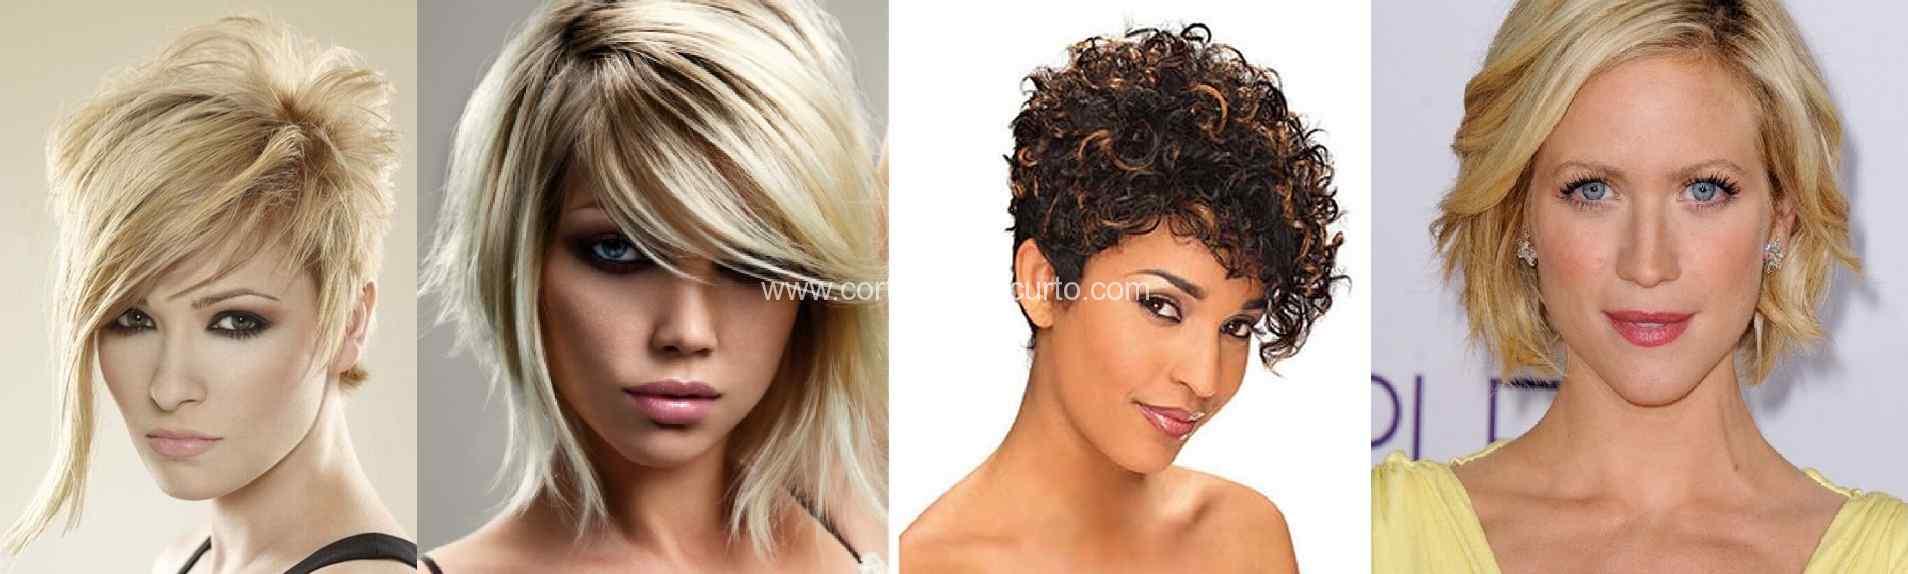 Cortes de cabelo curto Tendencias